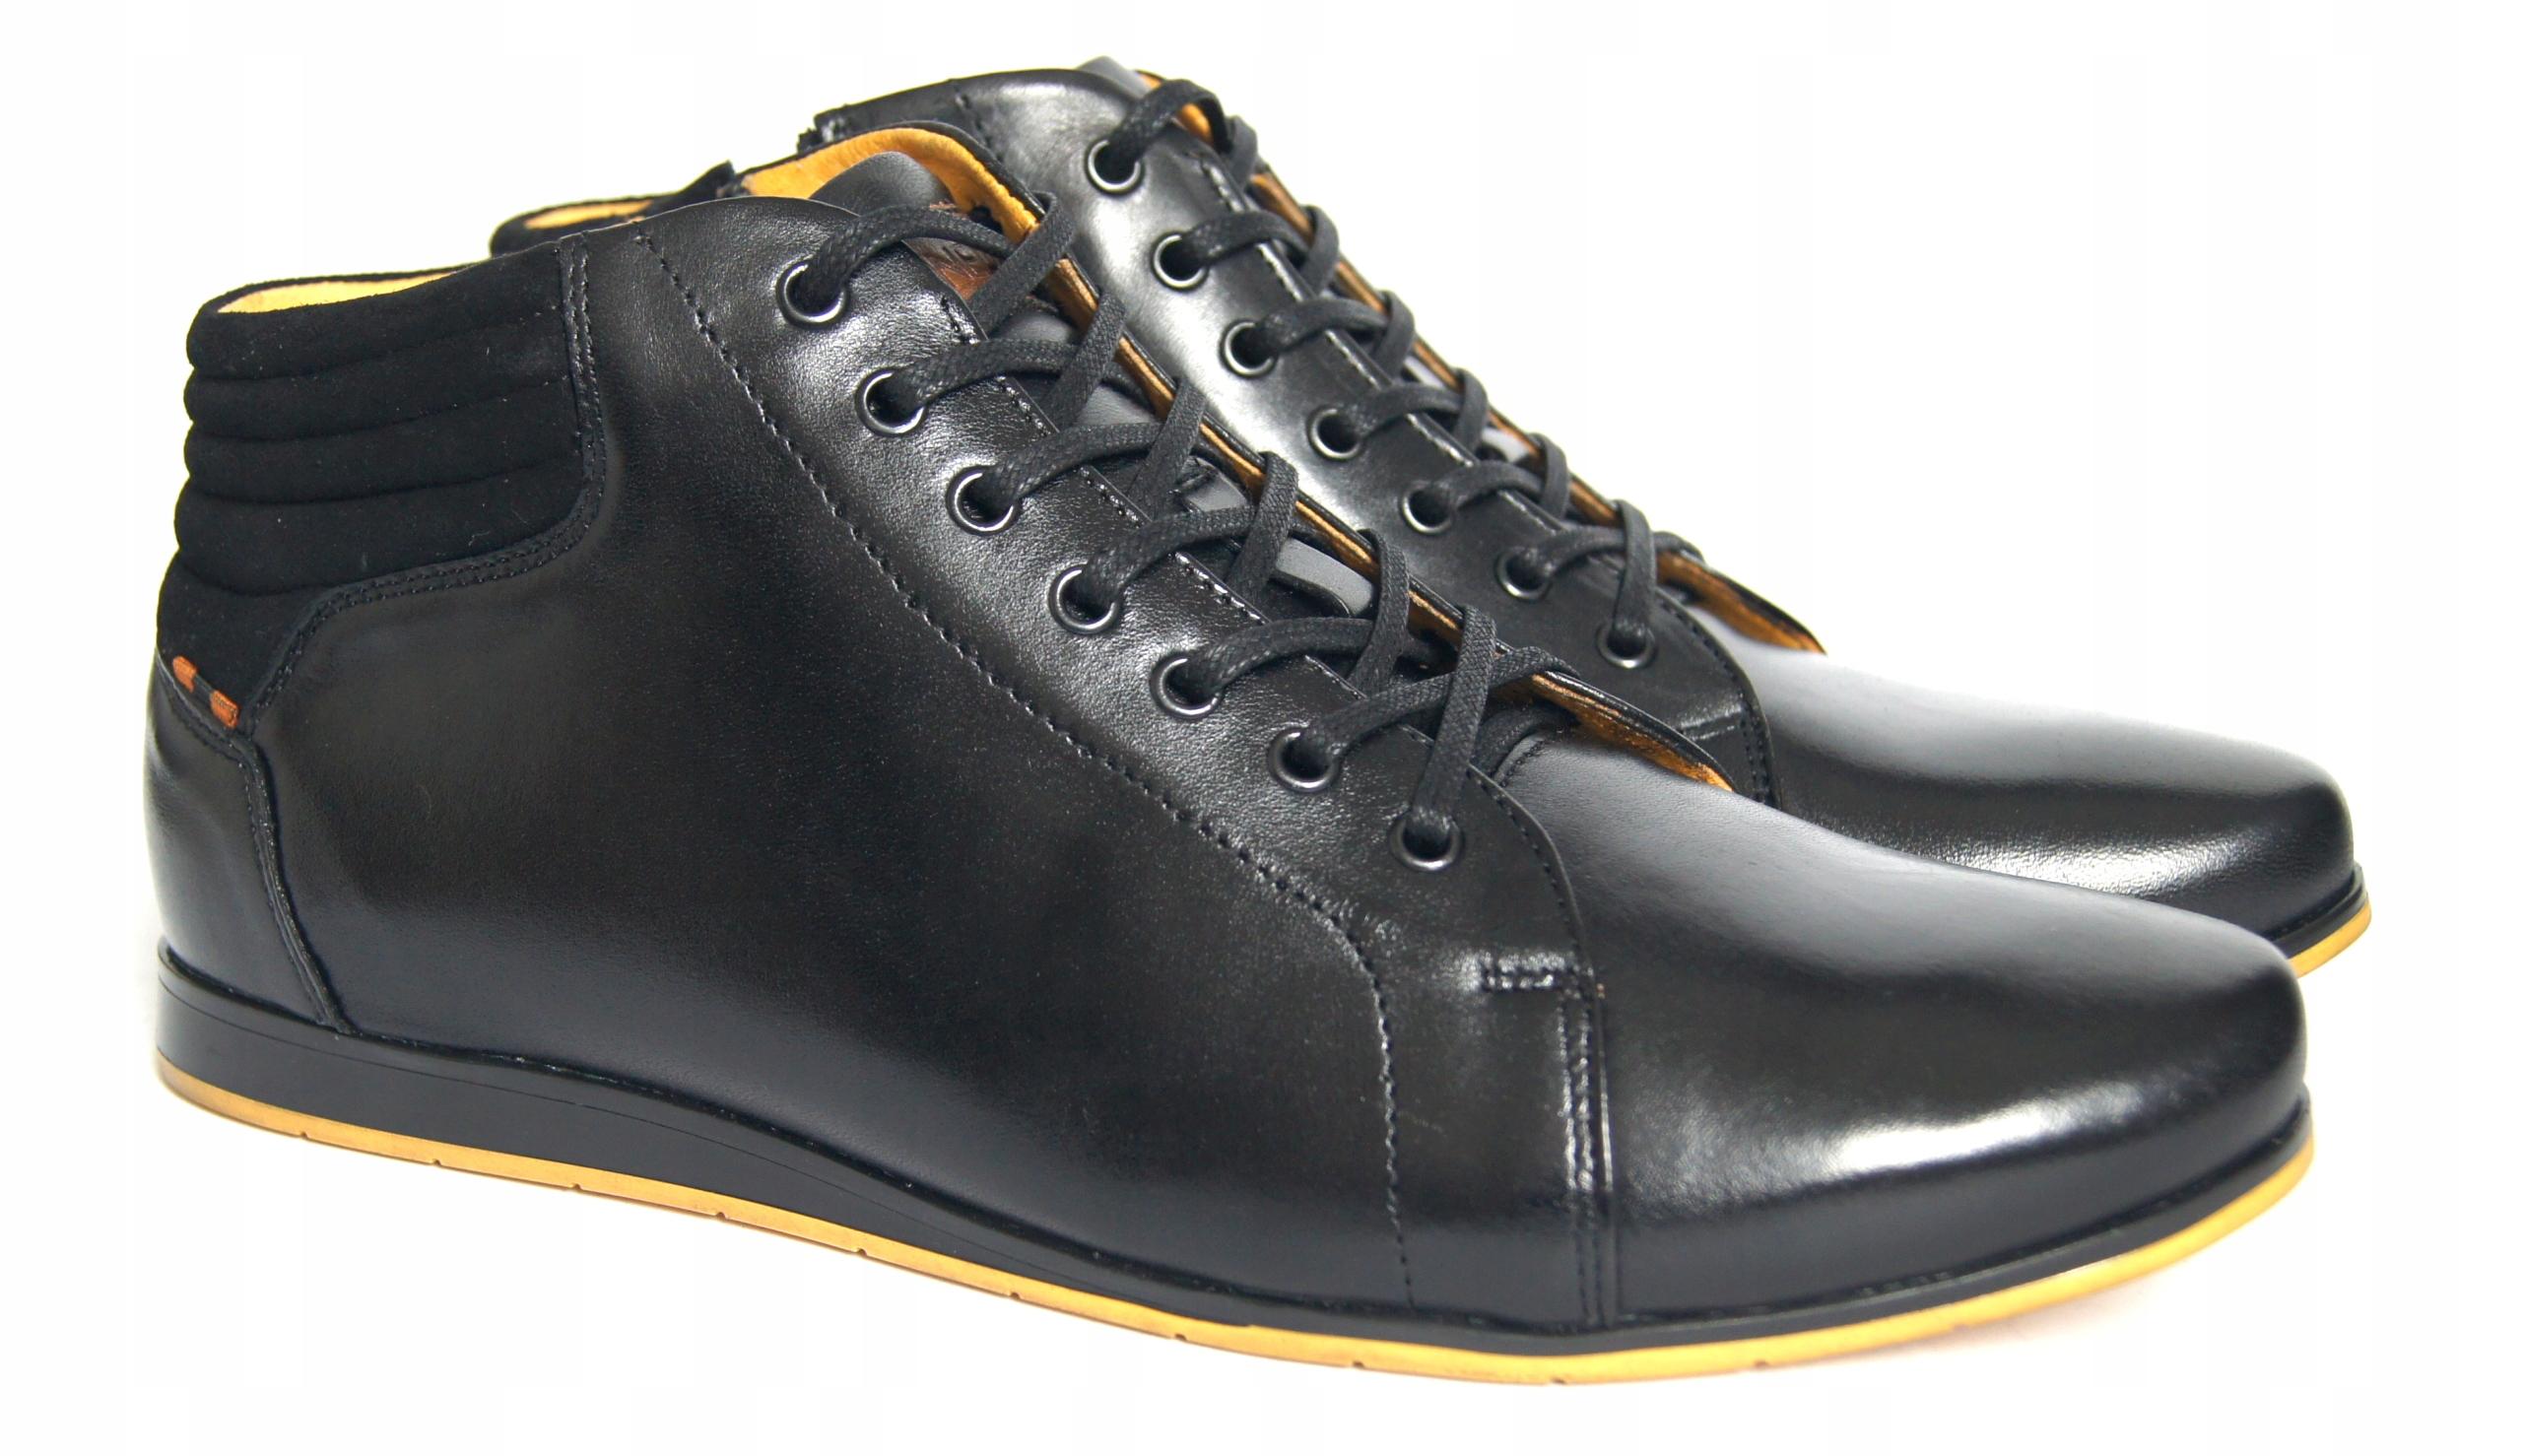 new styles 00d0d 6d083 ZIMOWE trzewiki TRAMPKI męskie skóra POL M598 r46 (7629575631)